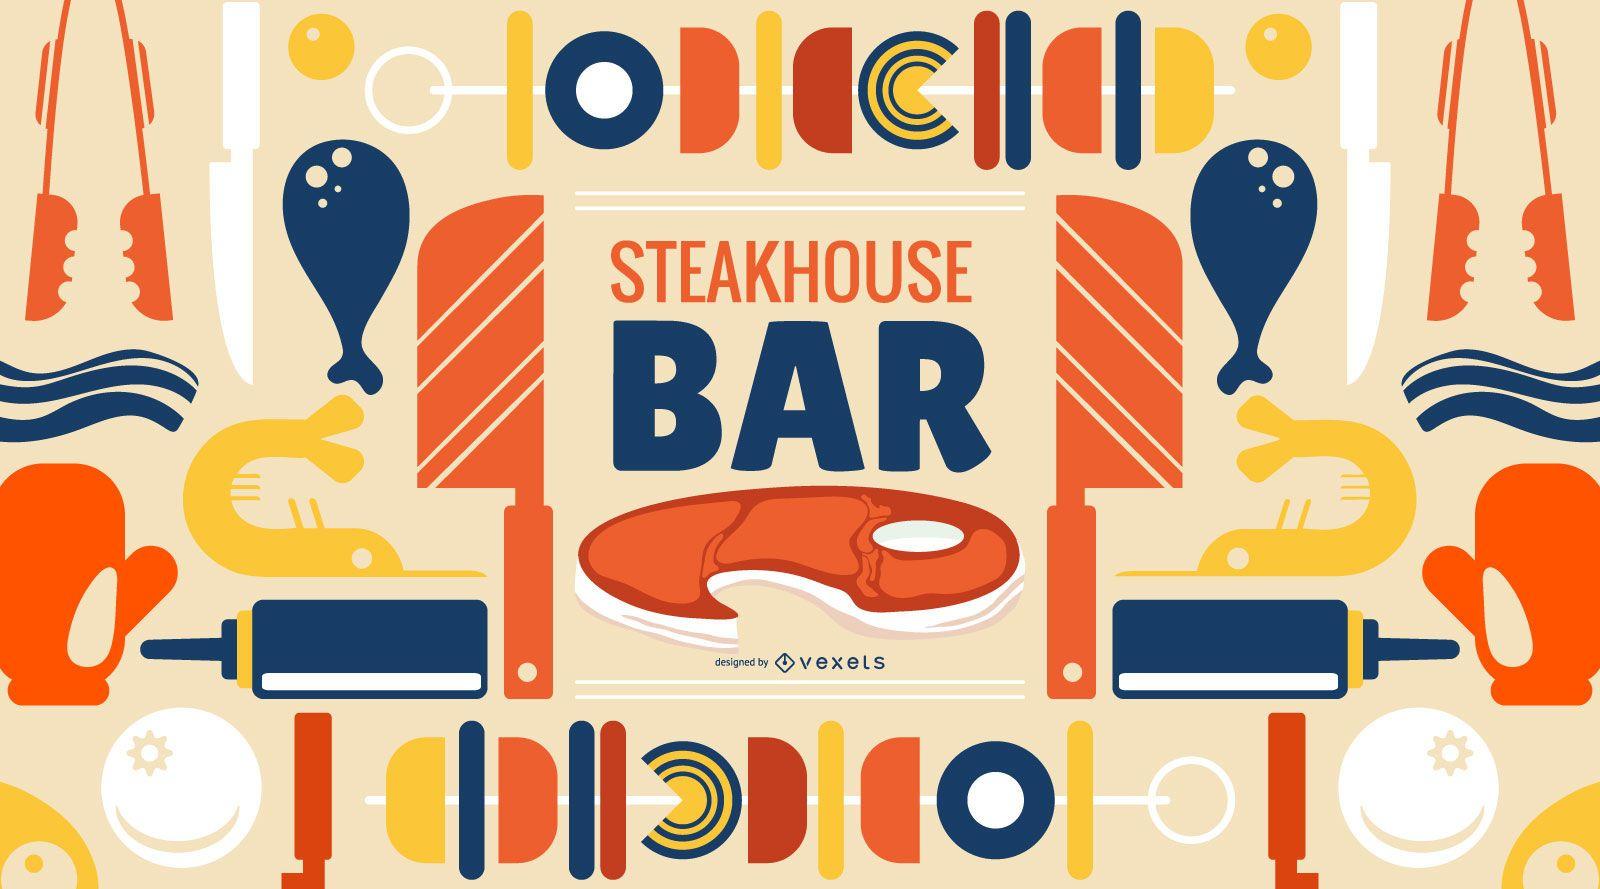 Steakhouse Bar Wallpaper Design